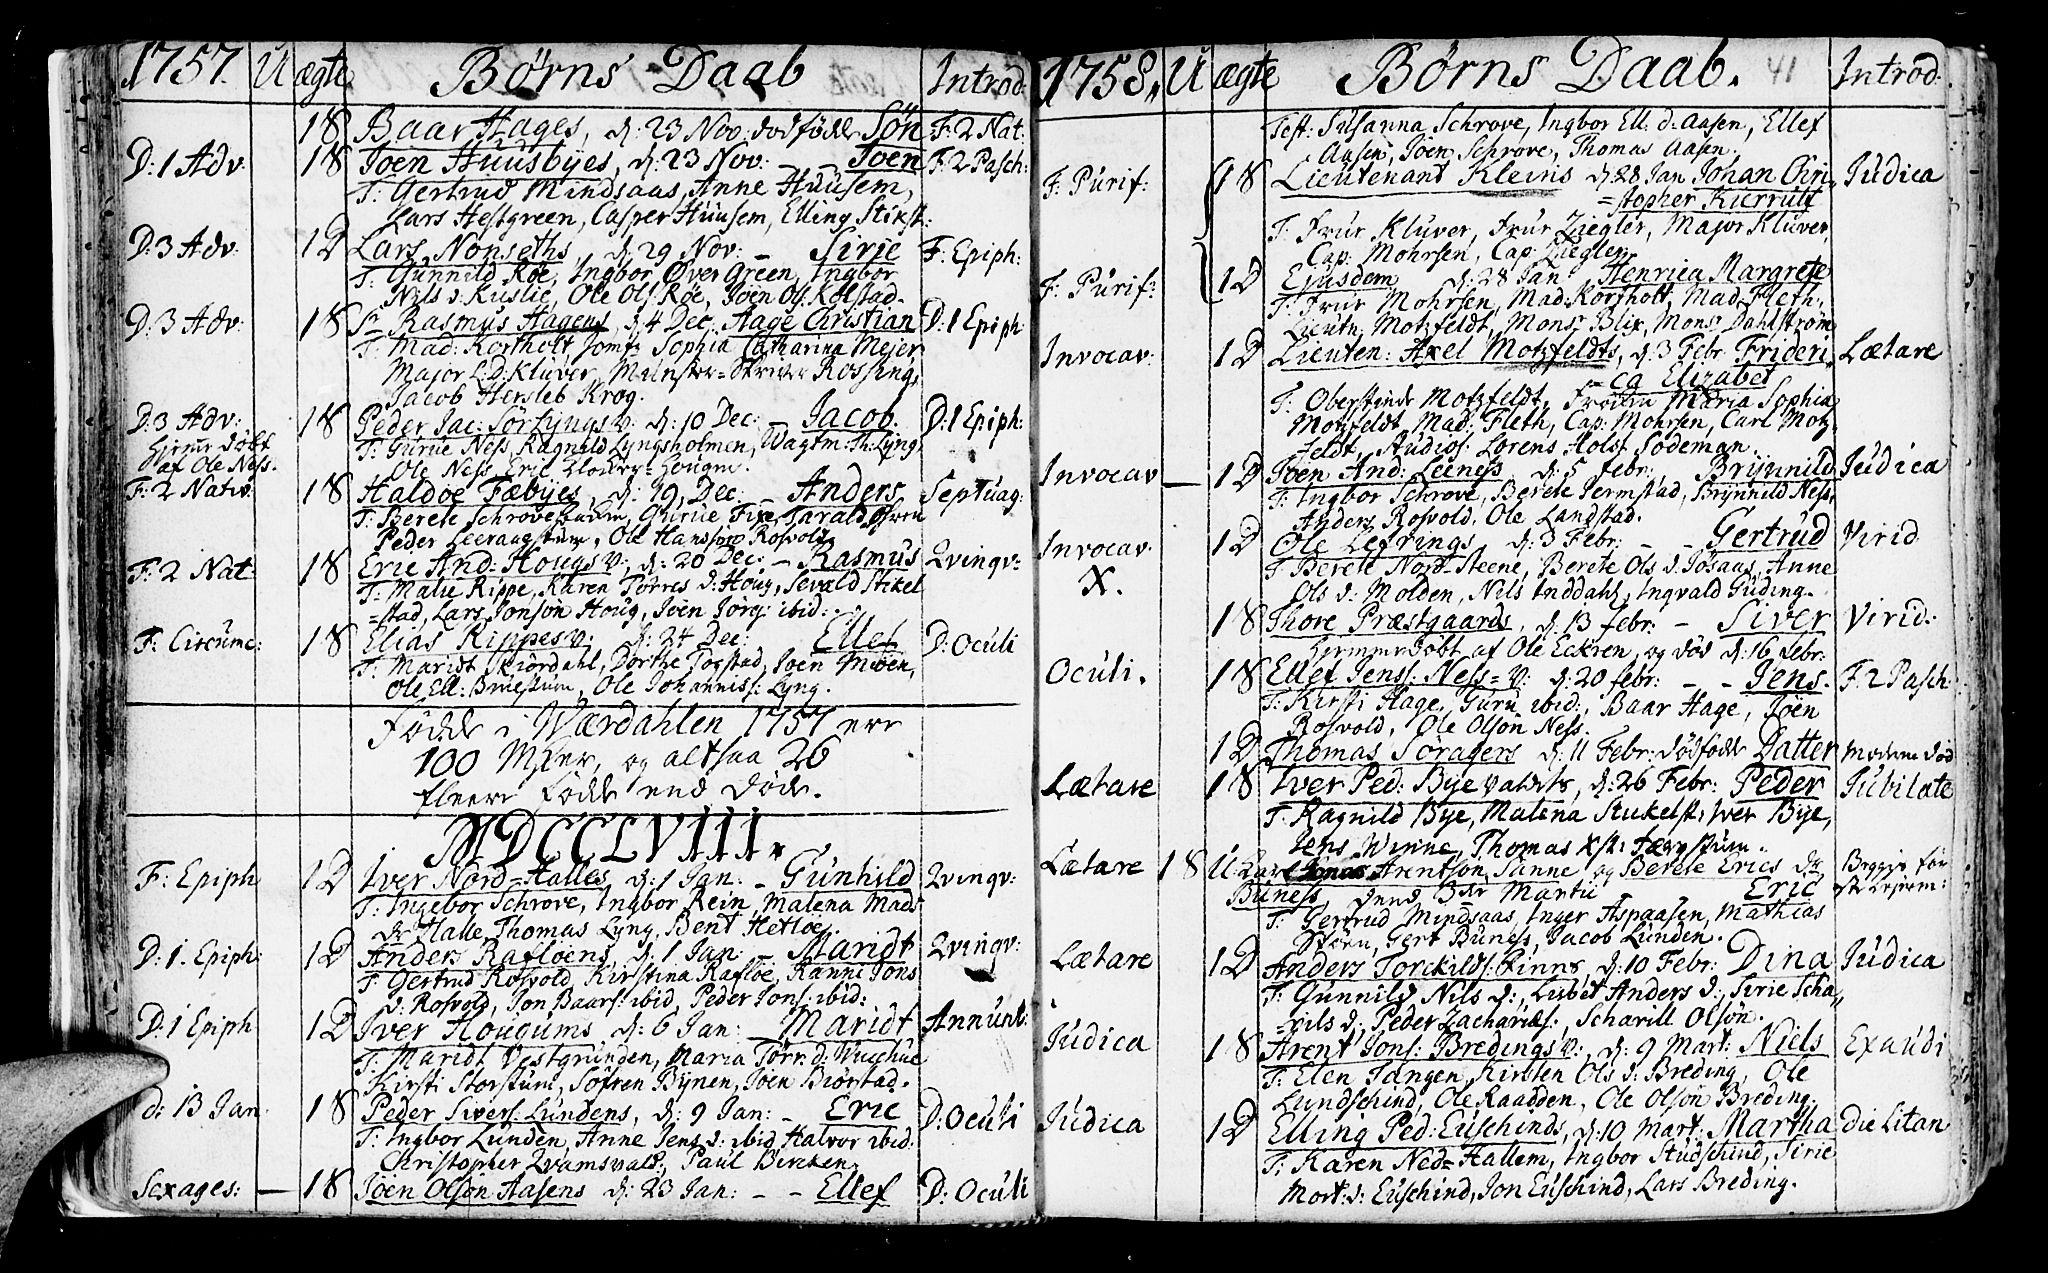 SAT, Ministerialprotokoller, klokkerbøker og fødselsregistre - Nord-Trøndelag, 723/L0231: Ministerialbok nr. 723A02, 1748-1780, s. 41